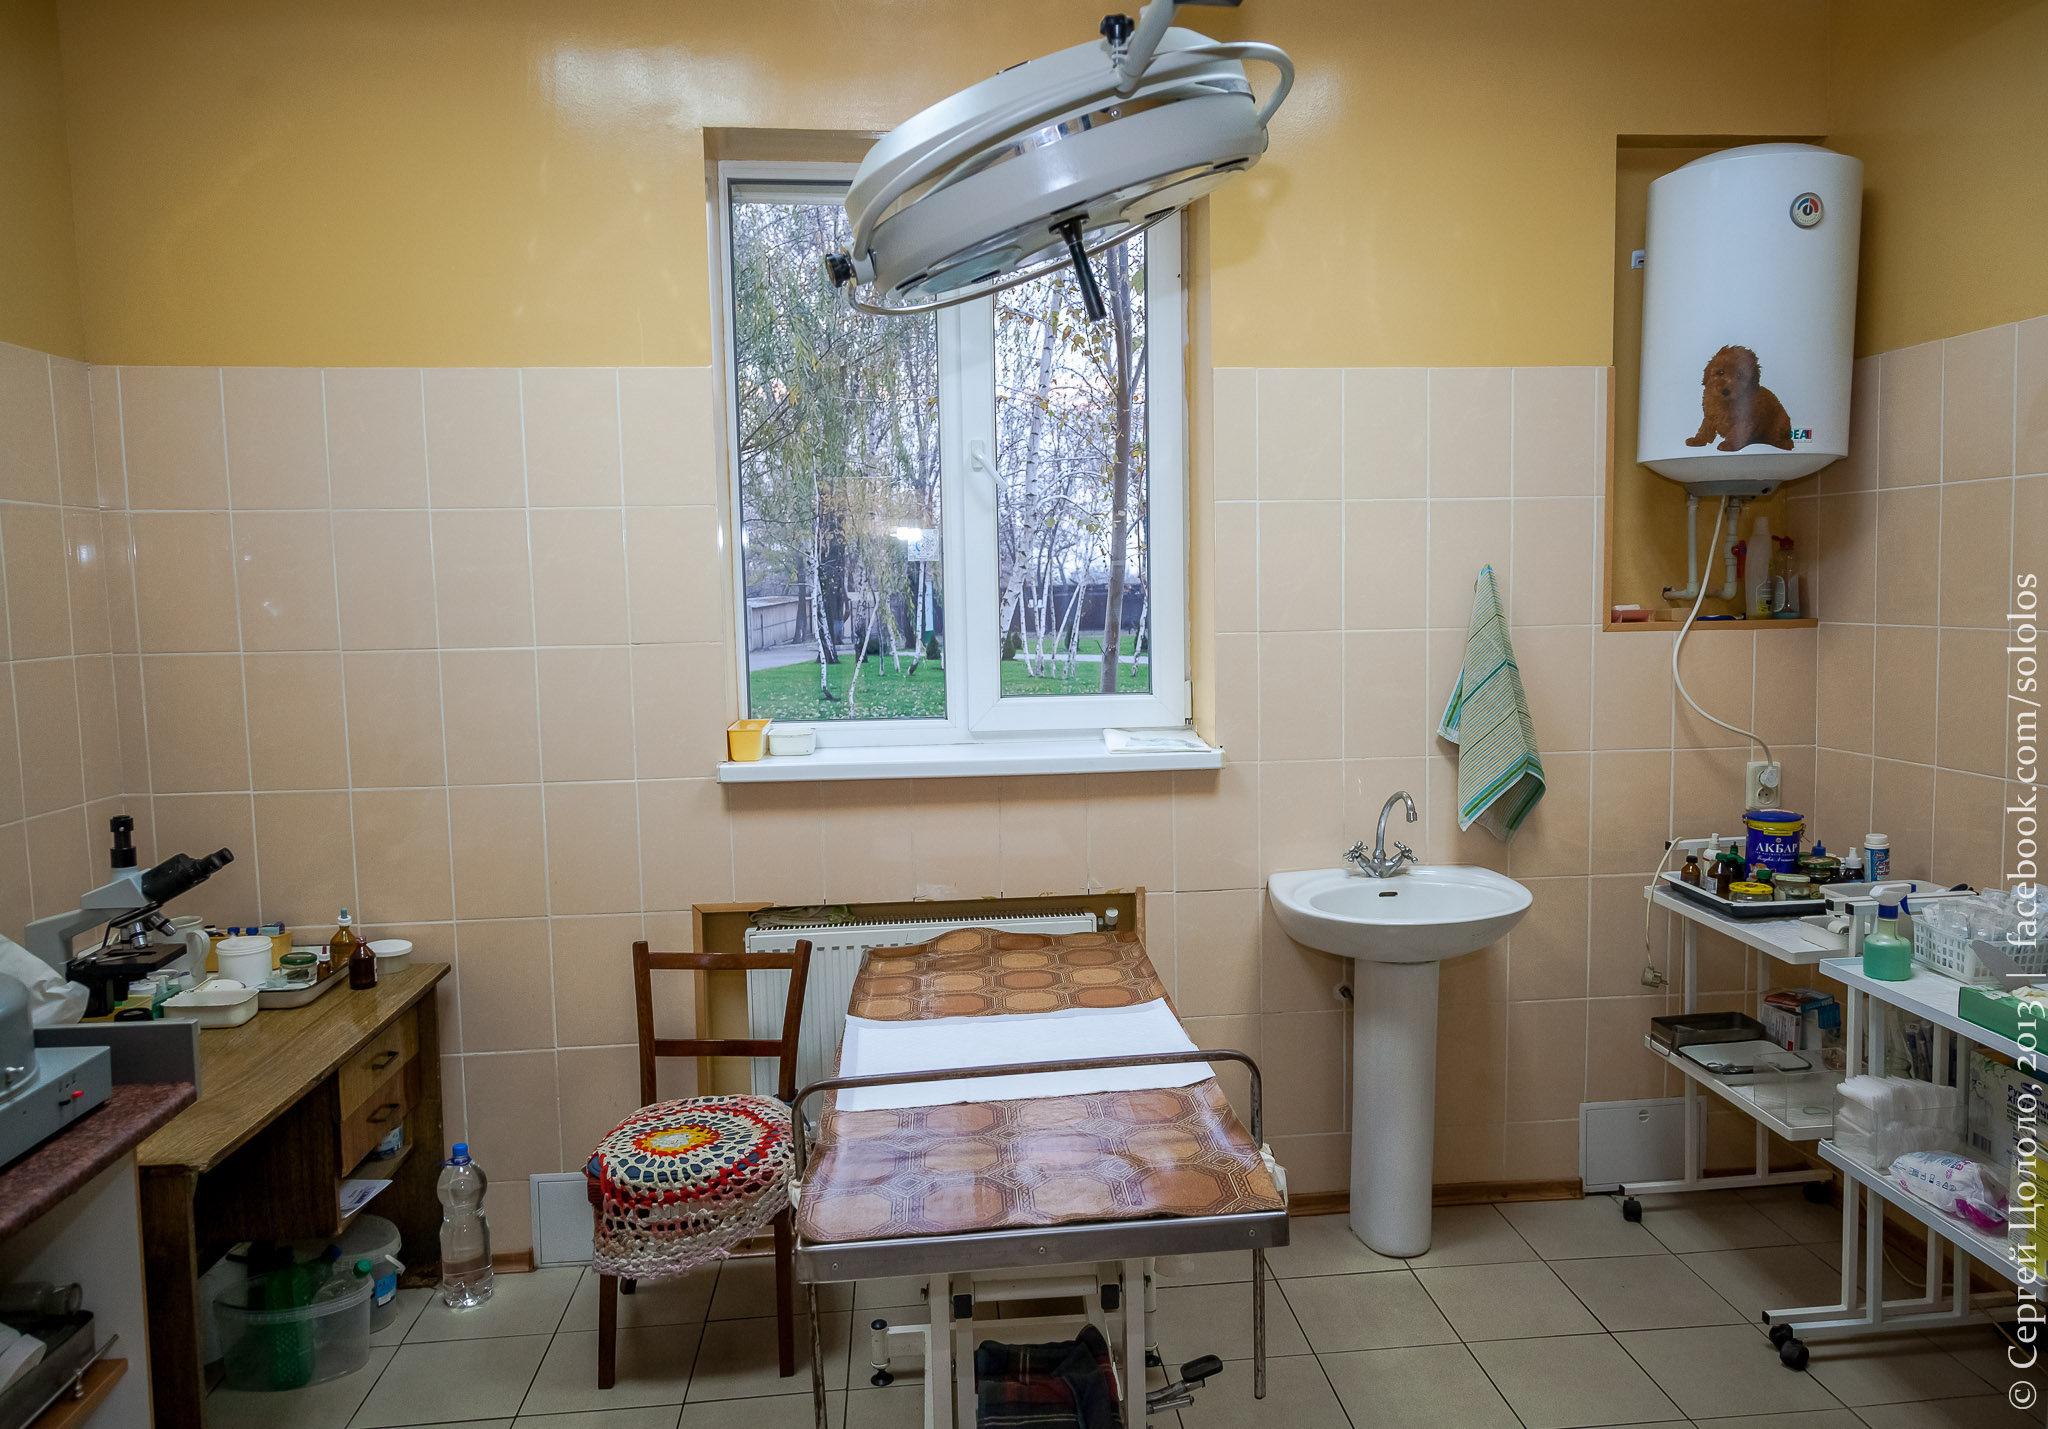 Прикольные картинки с больницей